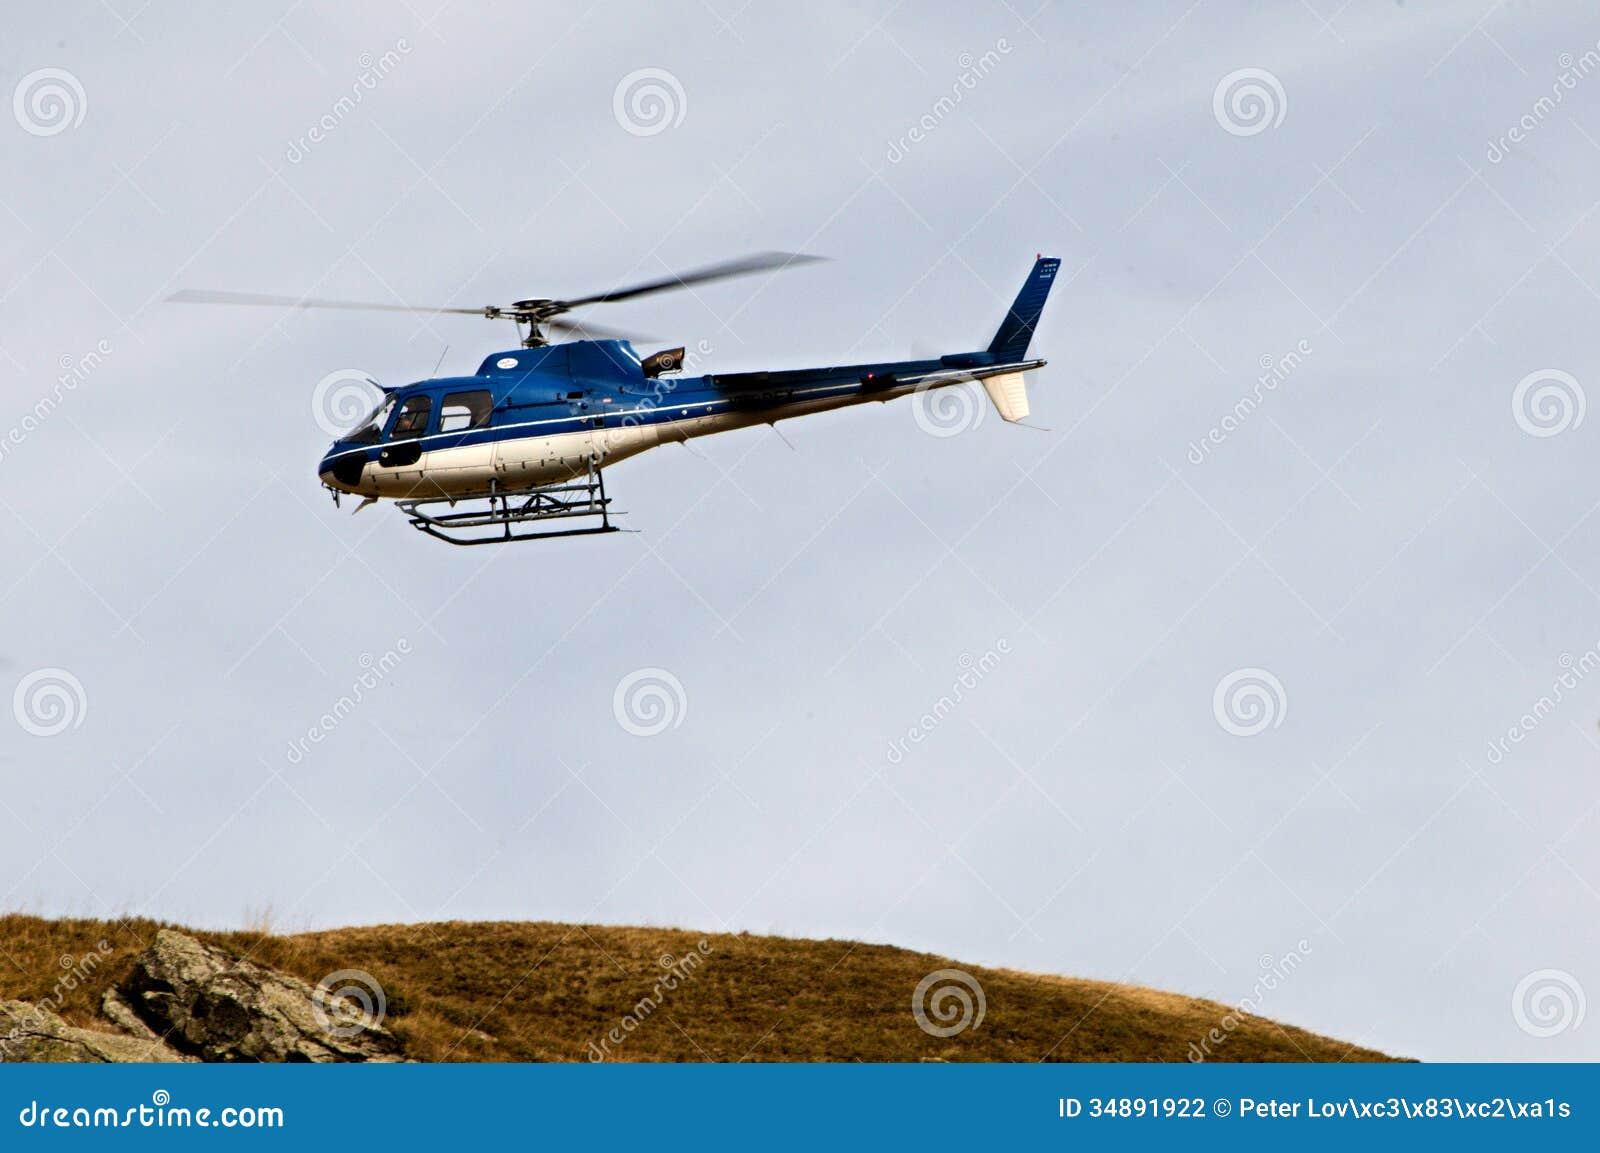 Elicottero B3 : Elicottero ecureuil as b in volo fotografia editoriale